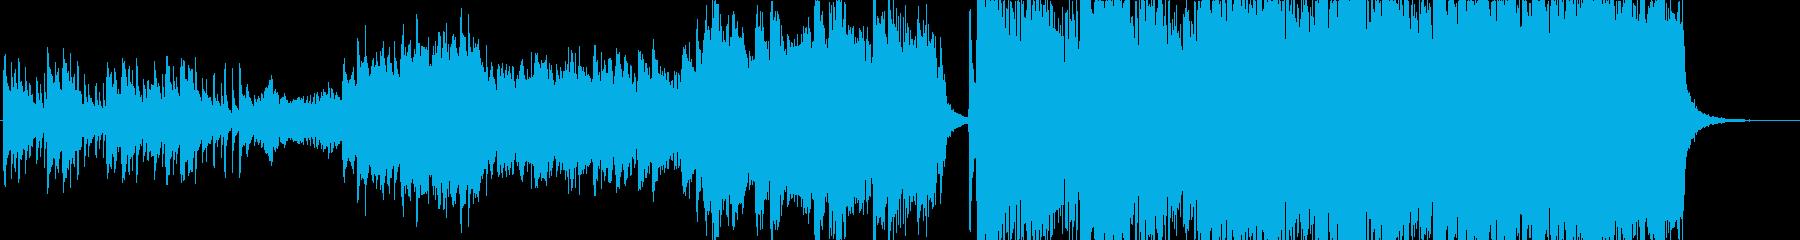 ハリウッド映画風壮大ピアノとストリングスの再生済みの波形